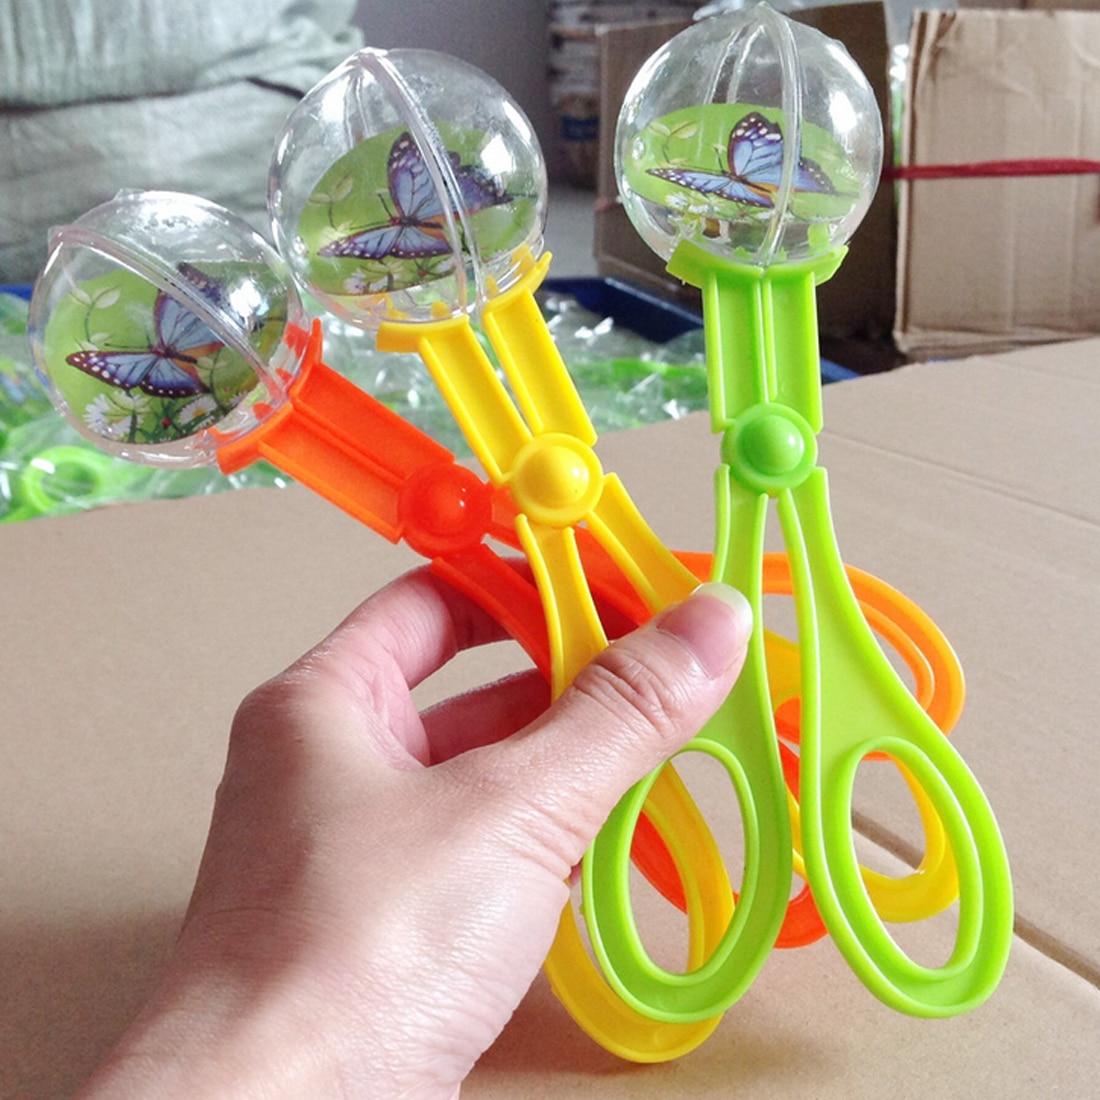 Green /Orange Plastic Bug Insect Catcher Scissors Tongs Tweezers For Kids Children Toy Handy Tool